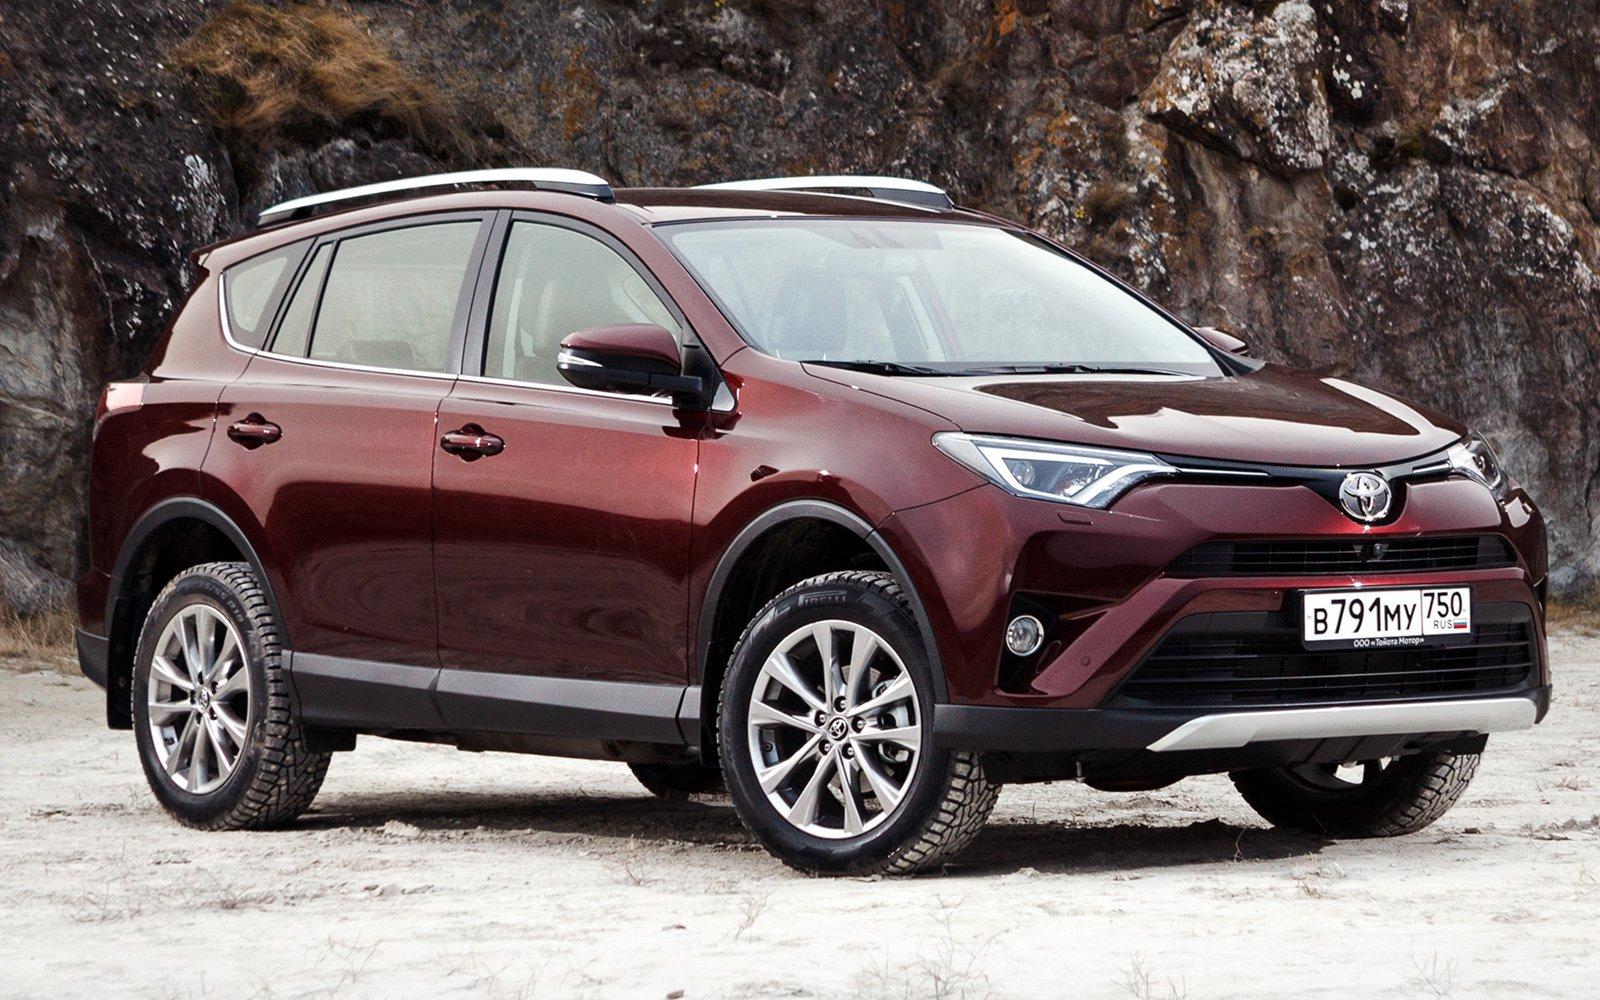 Toyota признана самым успешным японским брендом в России